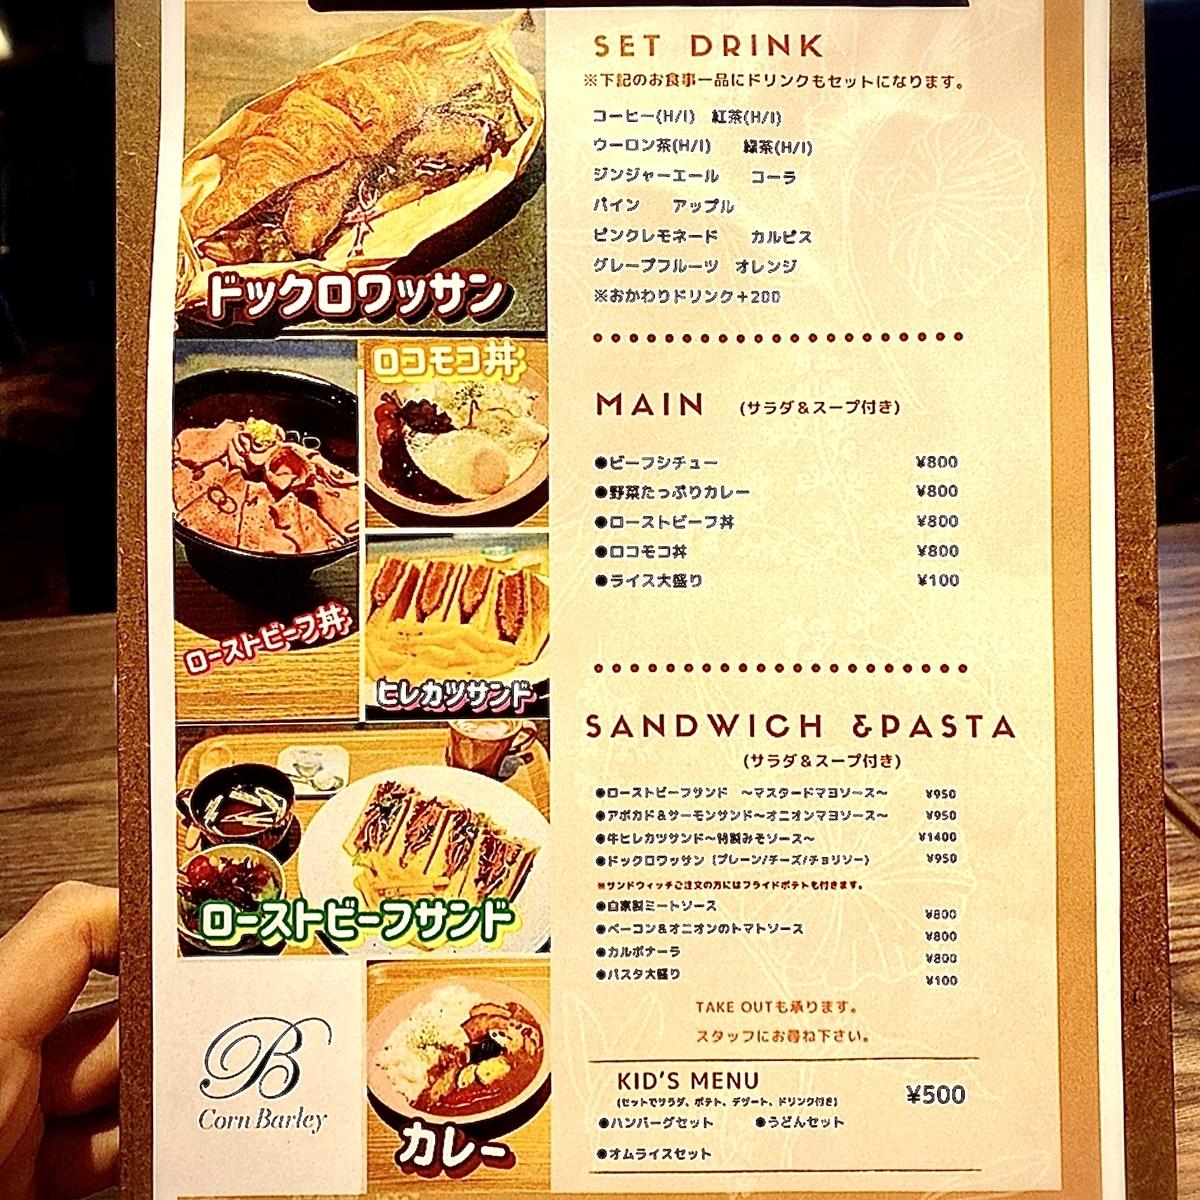 「吉祥寺 コーンバレー」のランチメニューと値段1